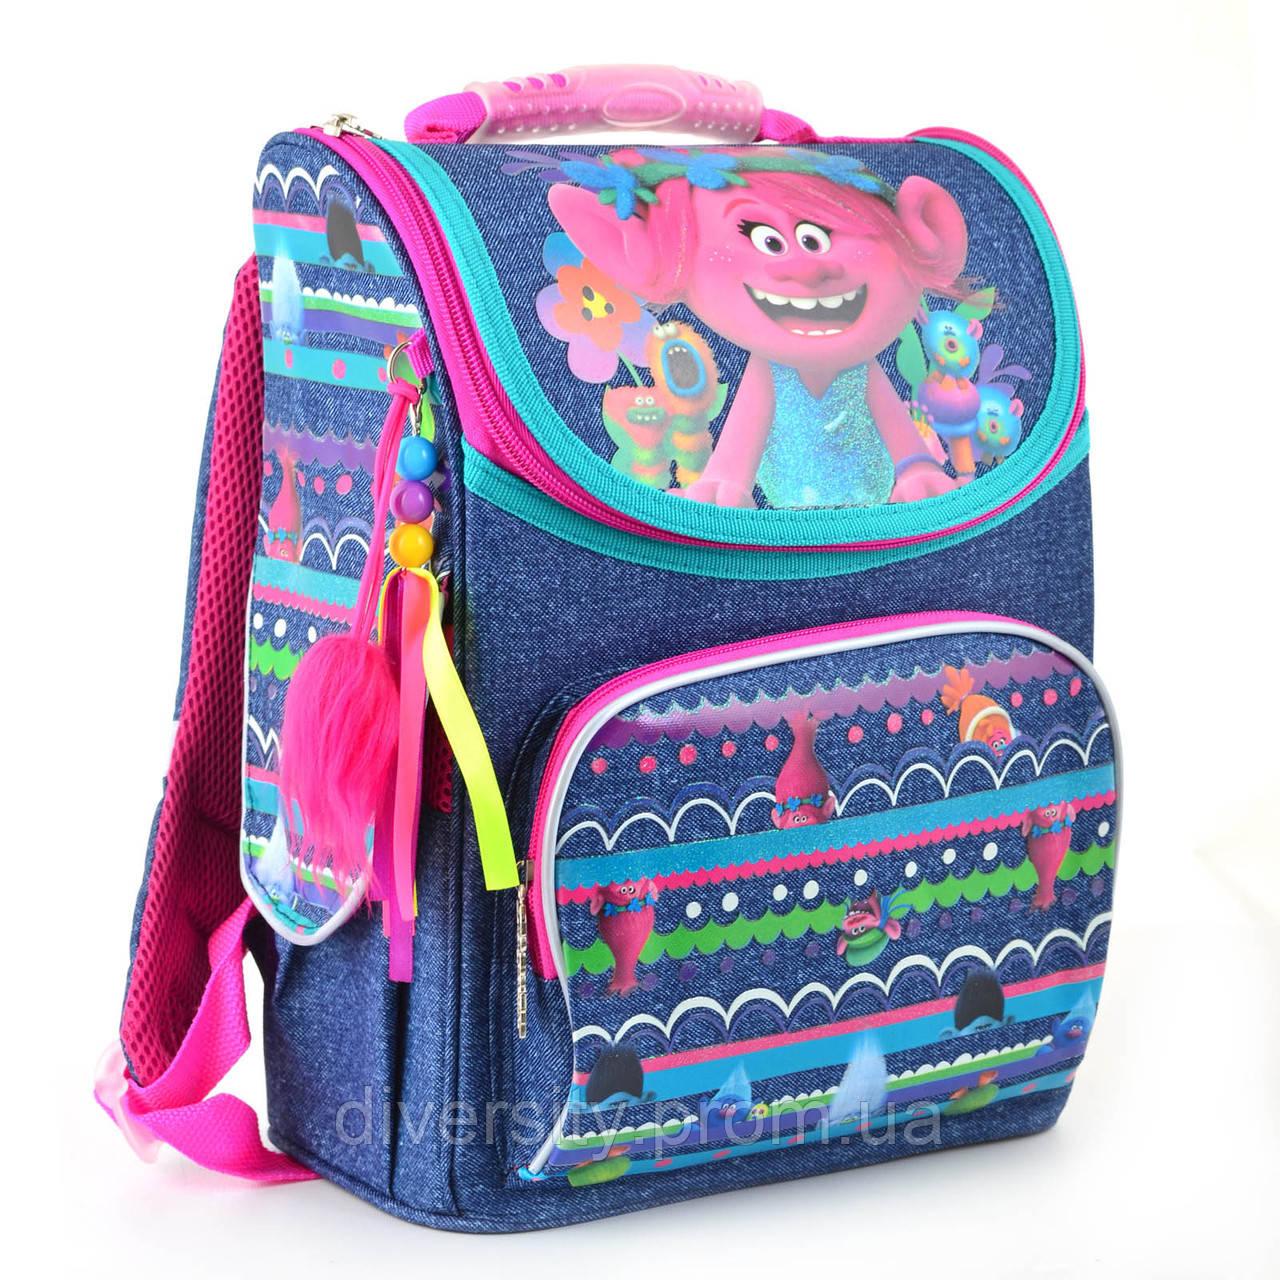 Школьный рюкзак каркасный 1 Вересня H-11 Trolls, 34*26*14